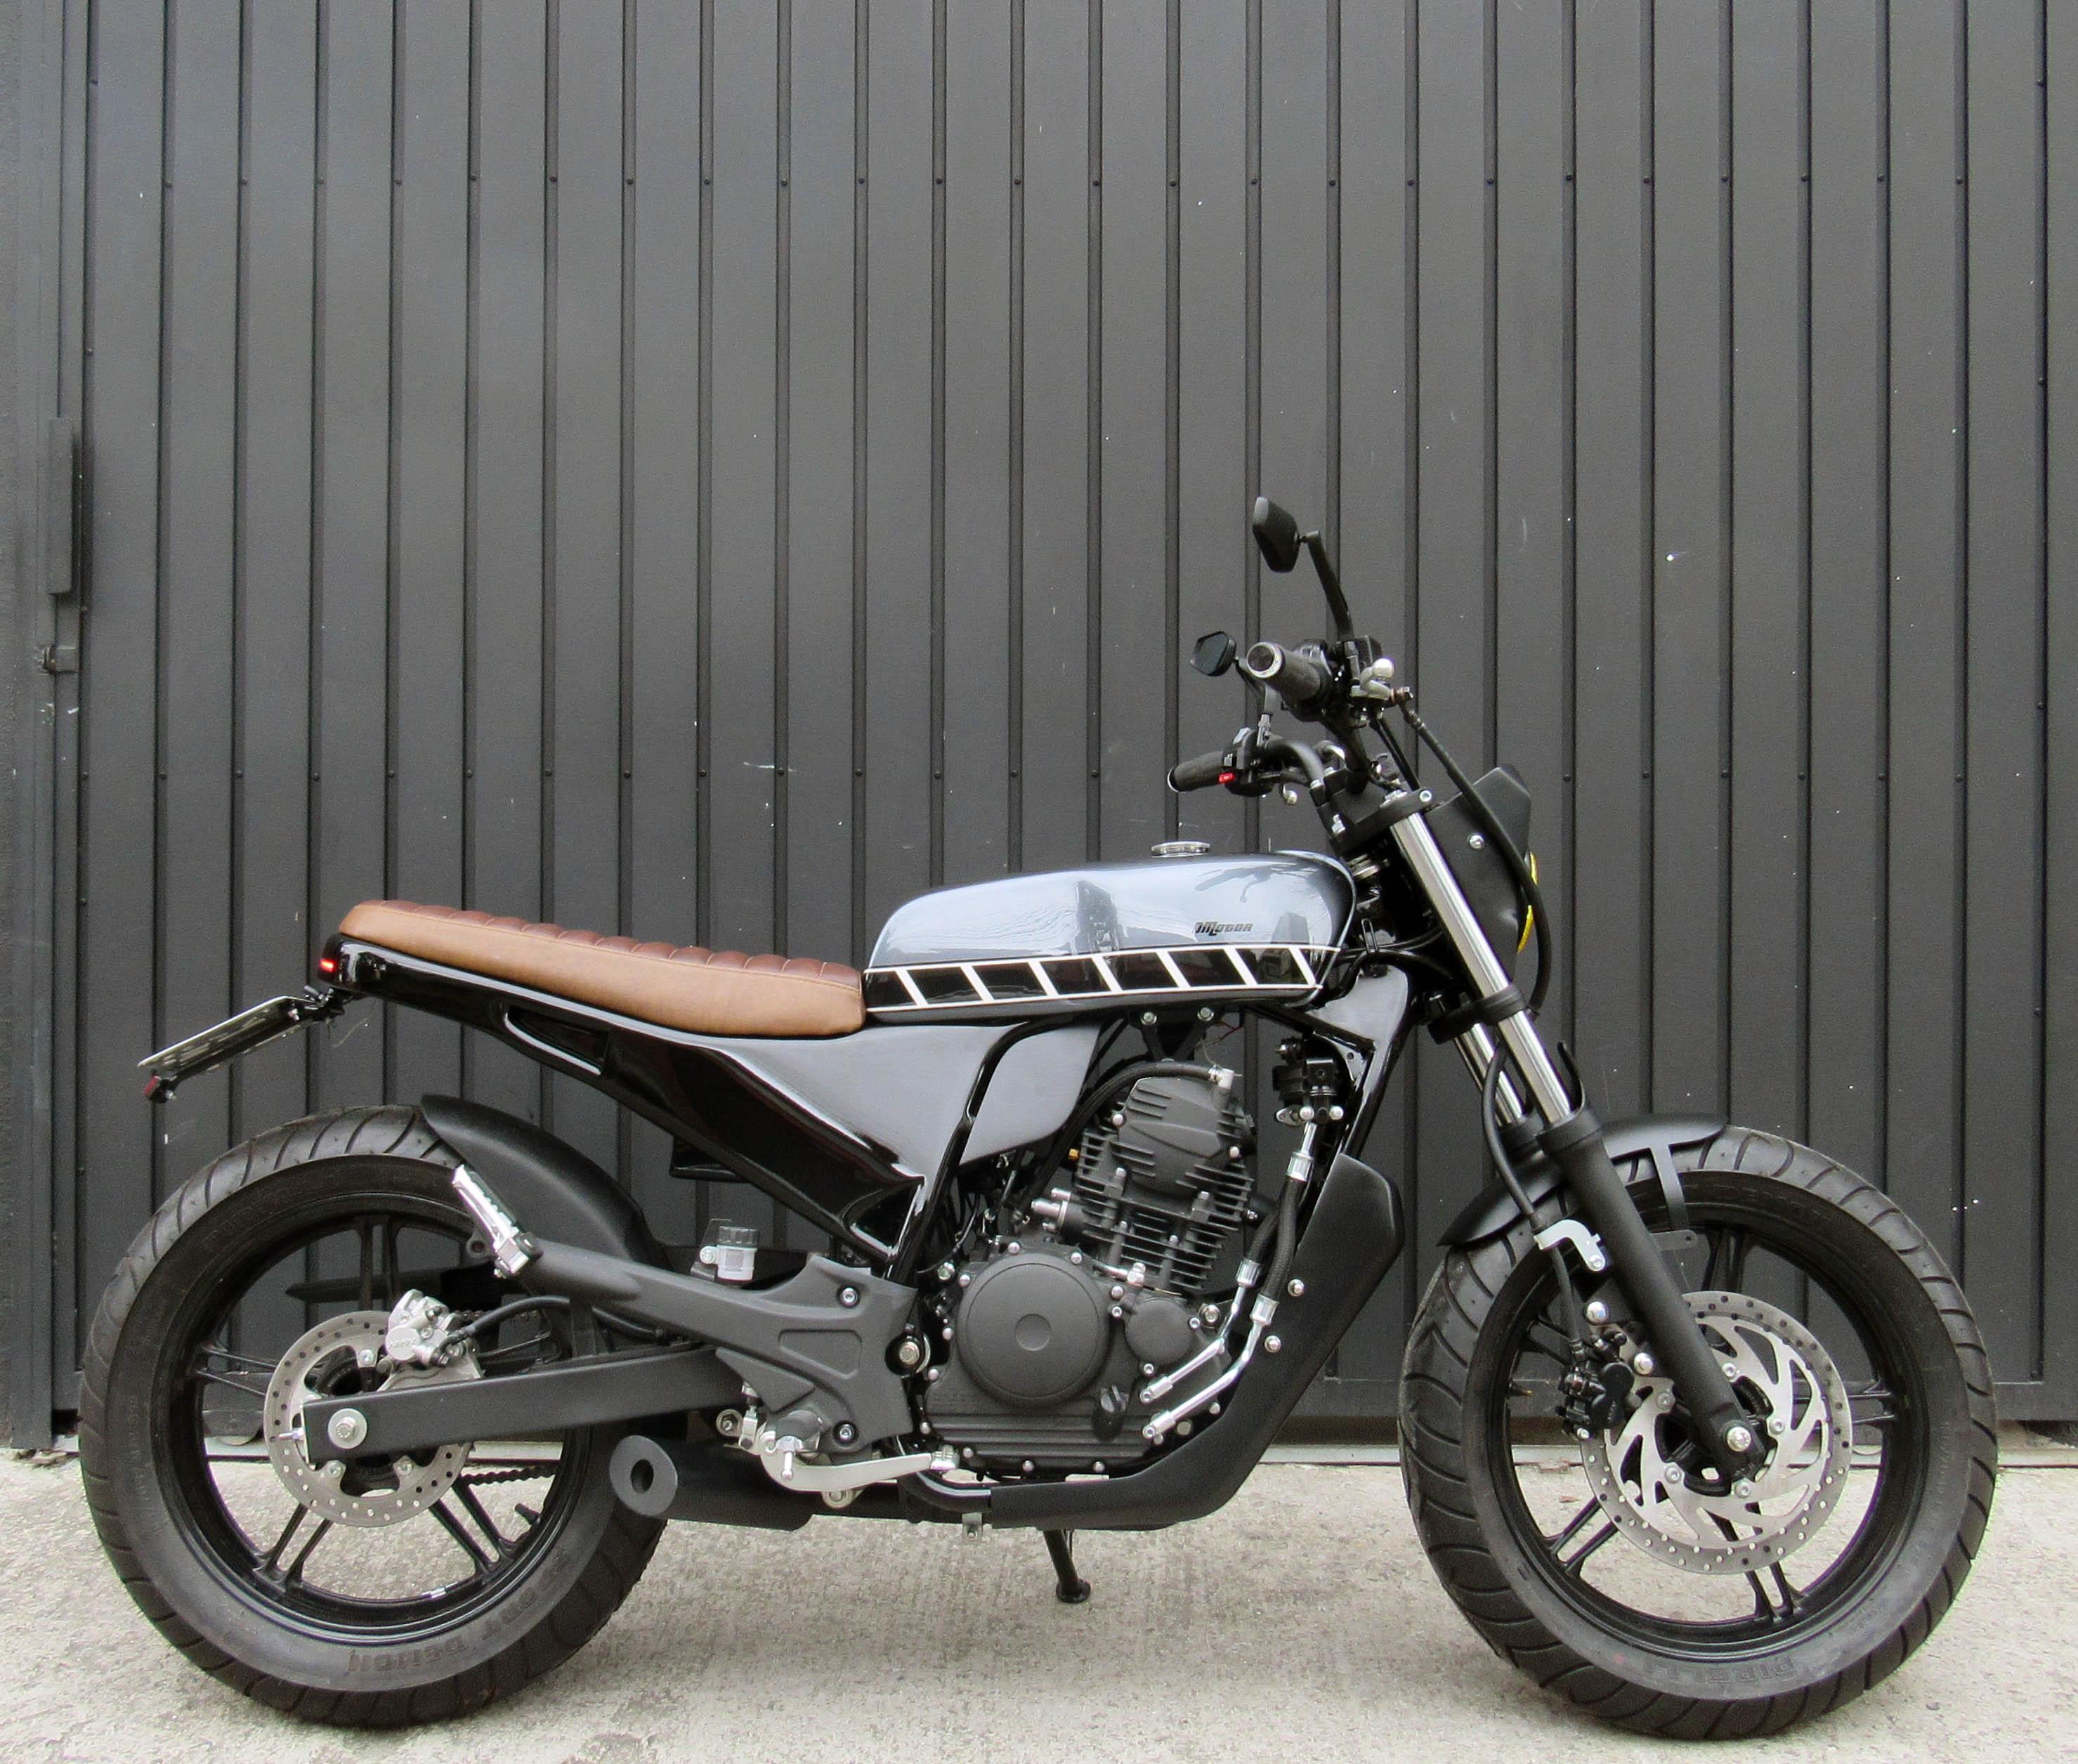 11 geral moto yamaha fazer custom difere